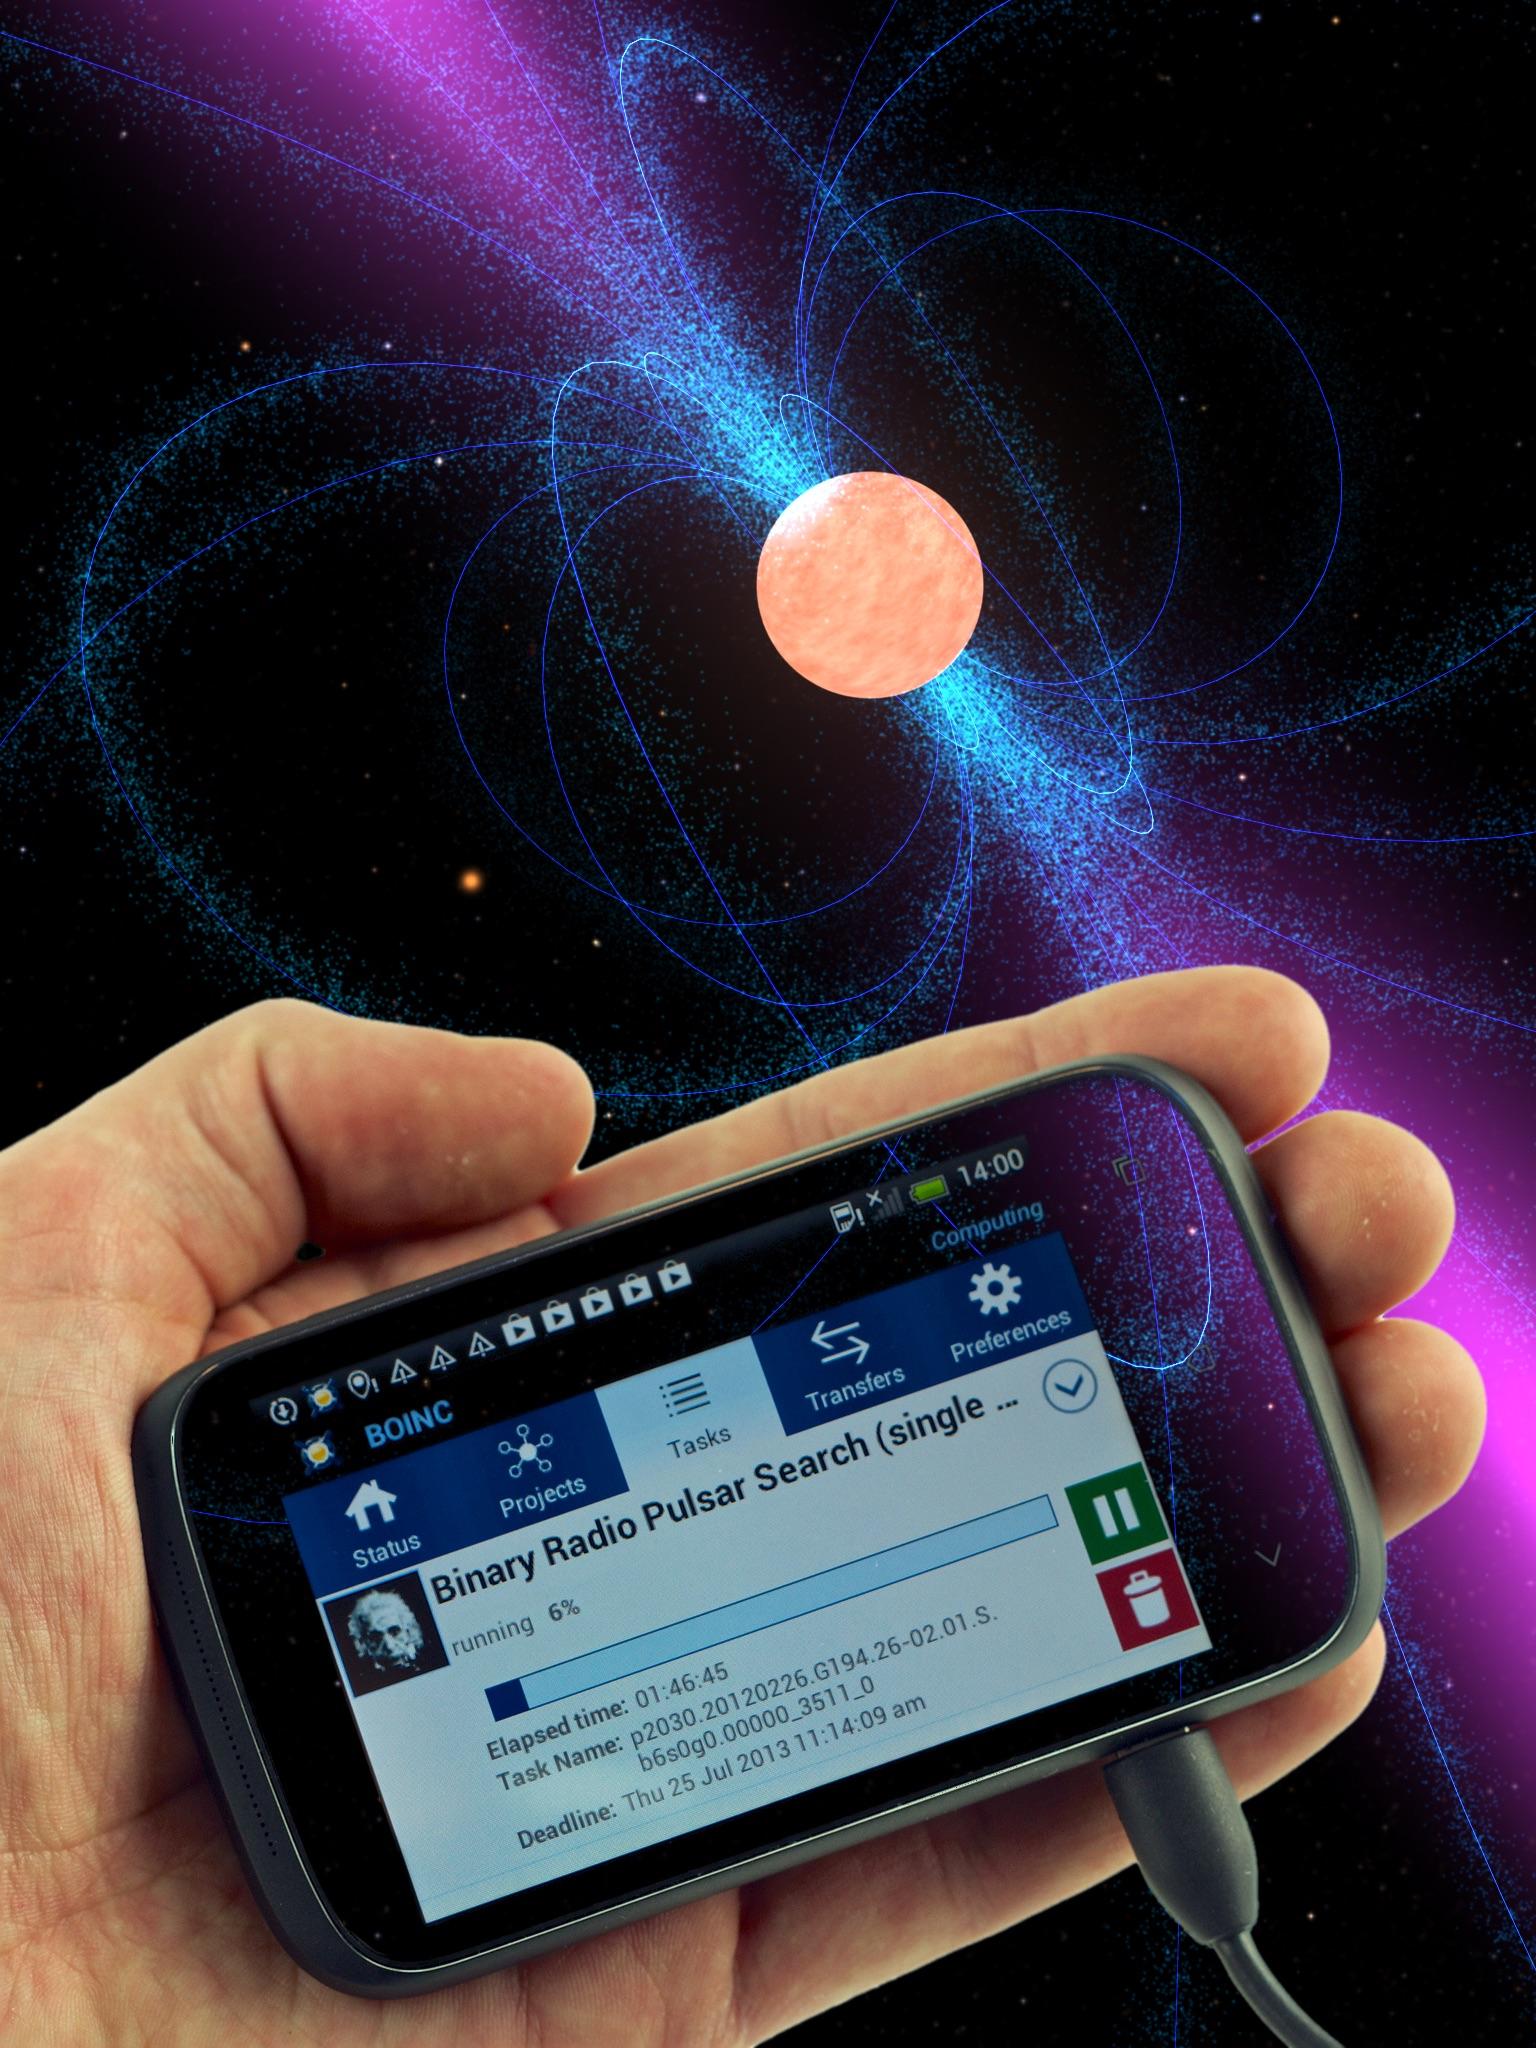 Vor dem Hintergrund eines emittierenden kosmischen Objekts hält ein Nutzer ein Smartphone. Das Display zeigt die Einstein@Home Software, laut der Anzeige läuft gerade die Suche nach einem Signal binärer Radiopulsare.